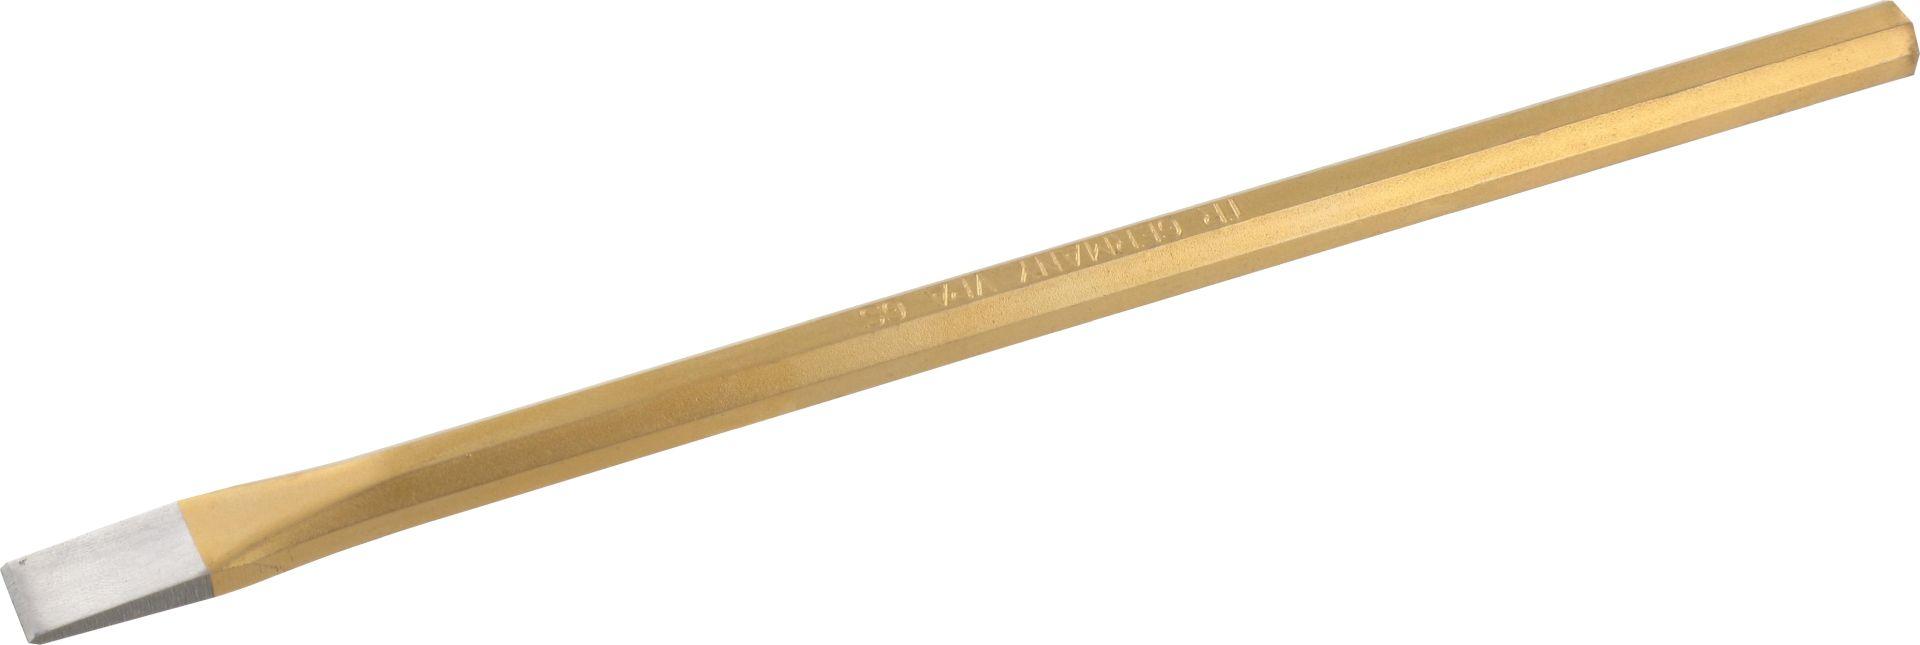 TRIUSO Elektrikermeißel, achtkant, flach, gehärtet, golden lackiert, Schneidenbreite 10 x 200 mm